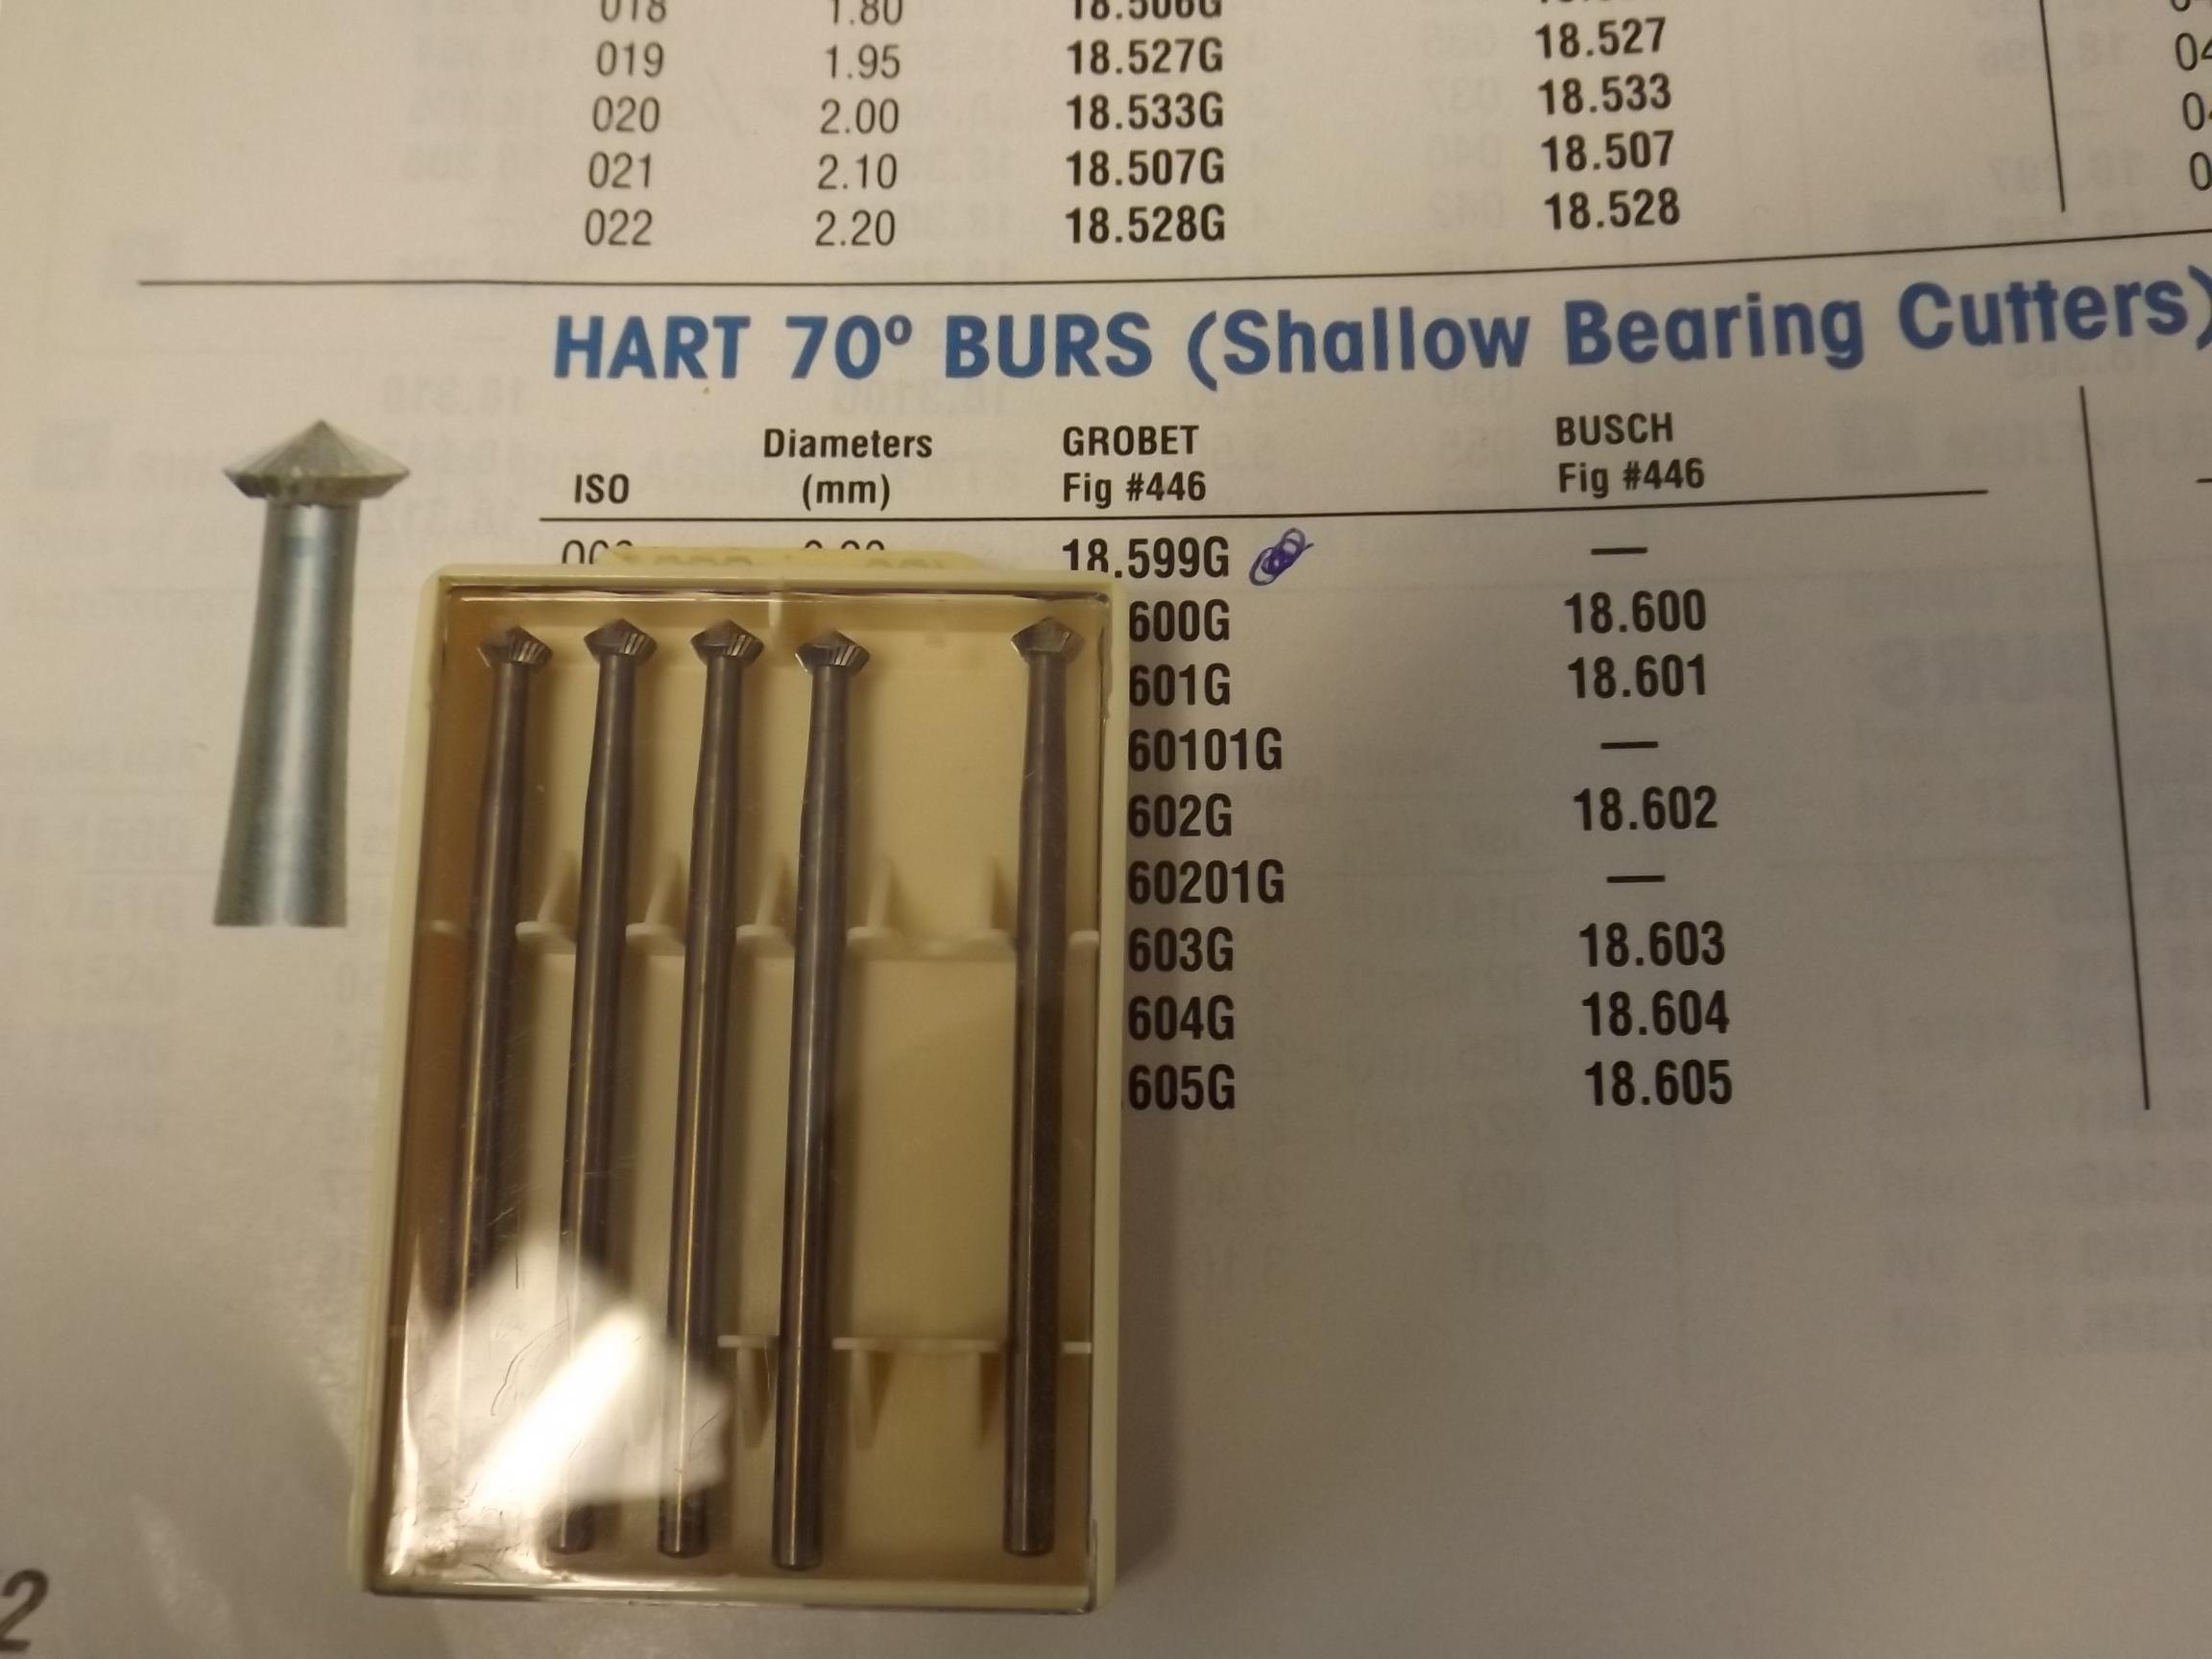 BR446/7 Grobet brand Bur, 70° Hart, Fig. 446, Size 021- # 18.605